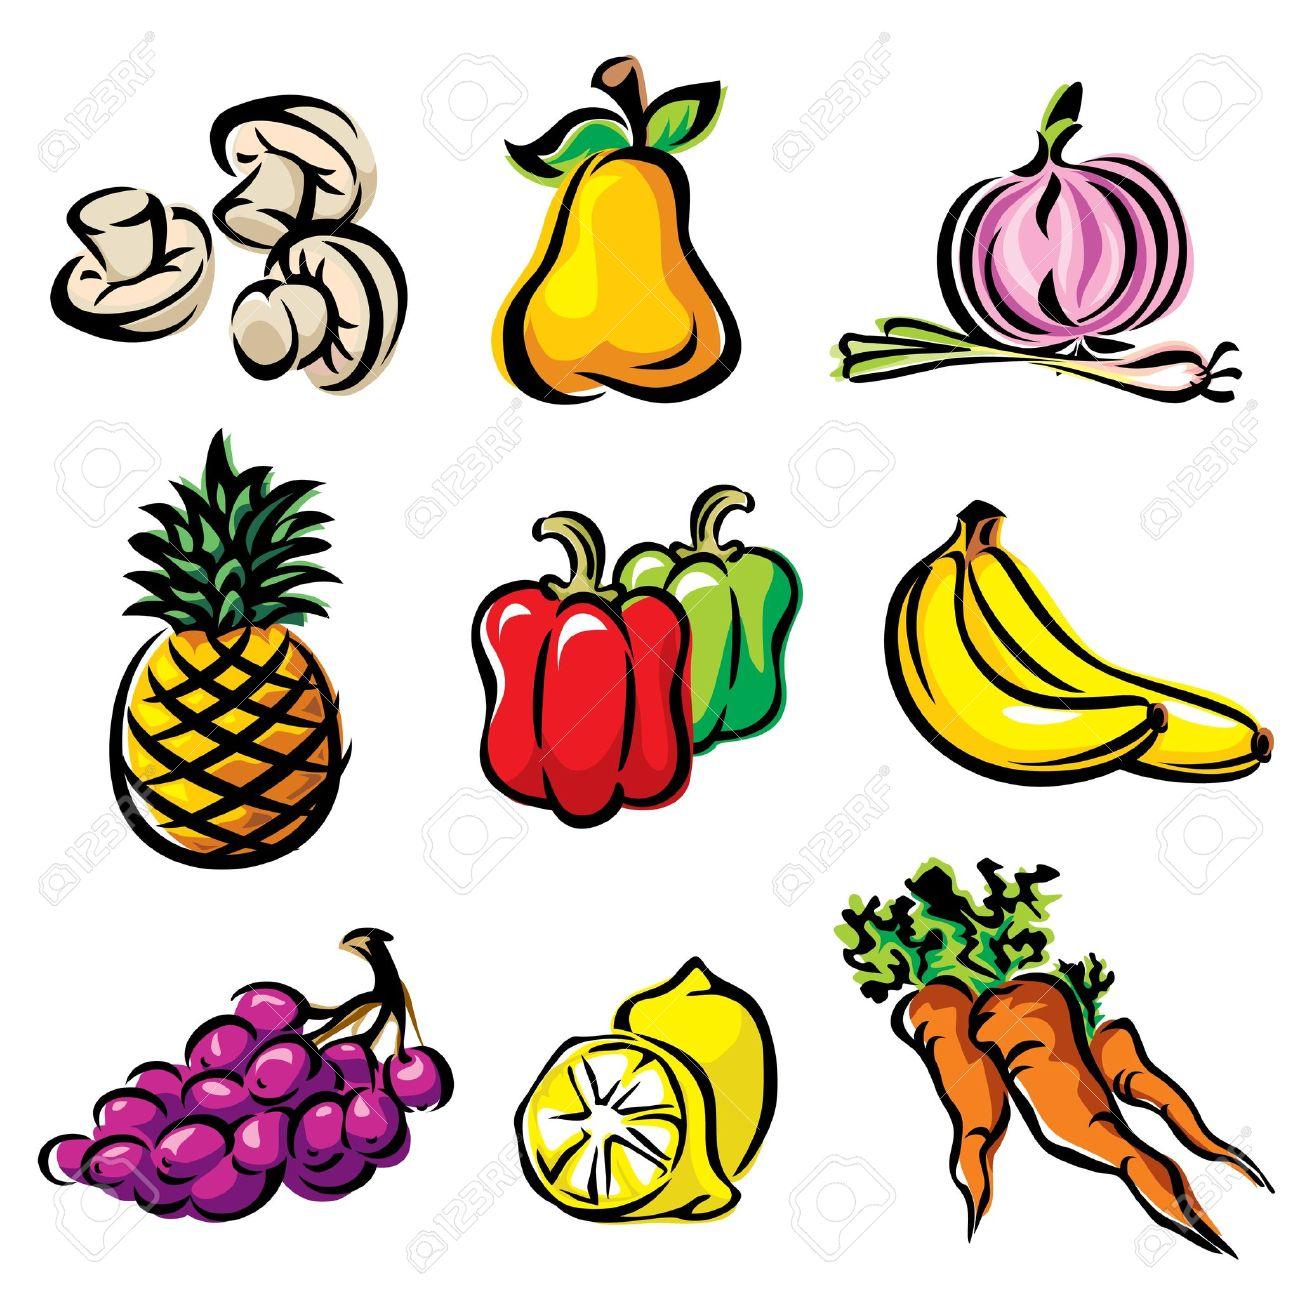 Impostare Il Colore Immagine Frutta E Verdura Clipart Royalty.